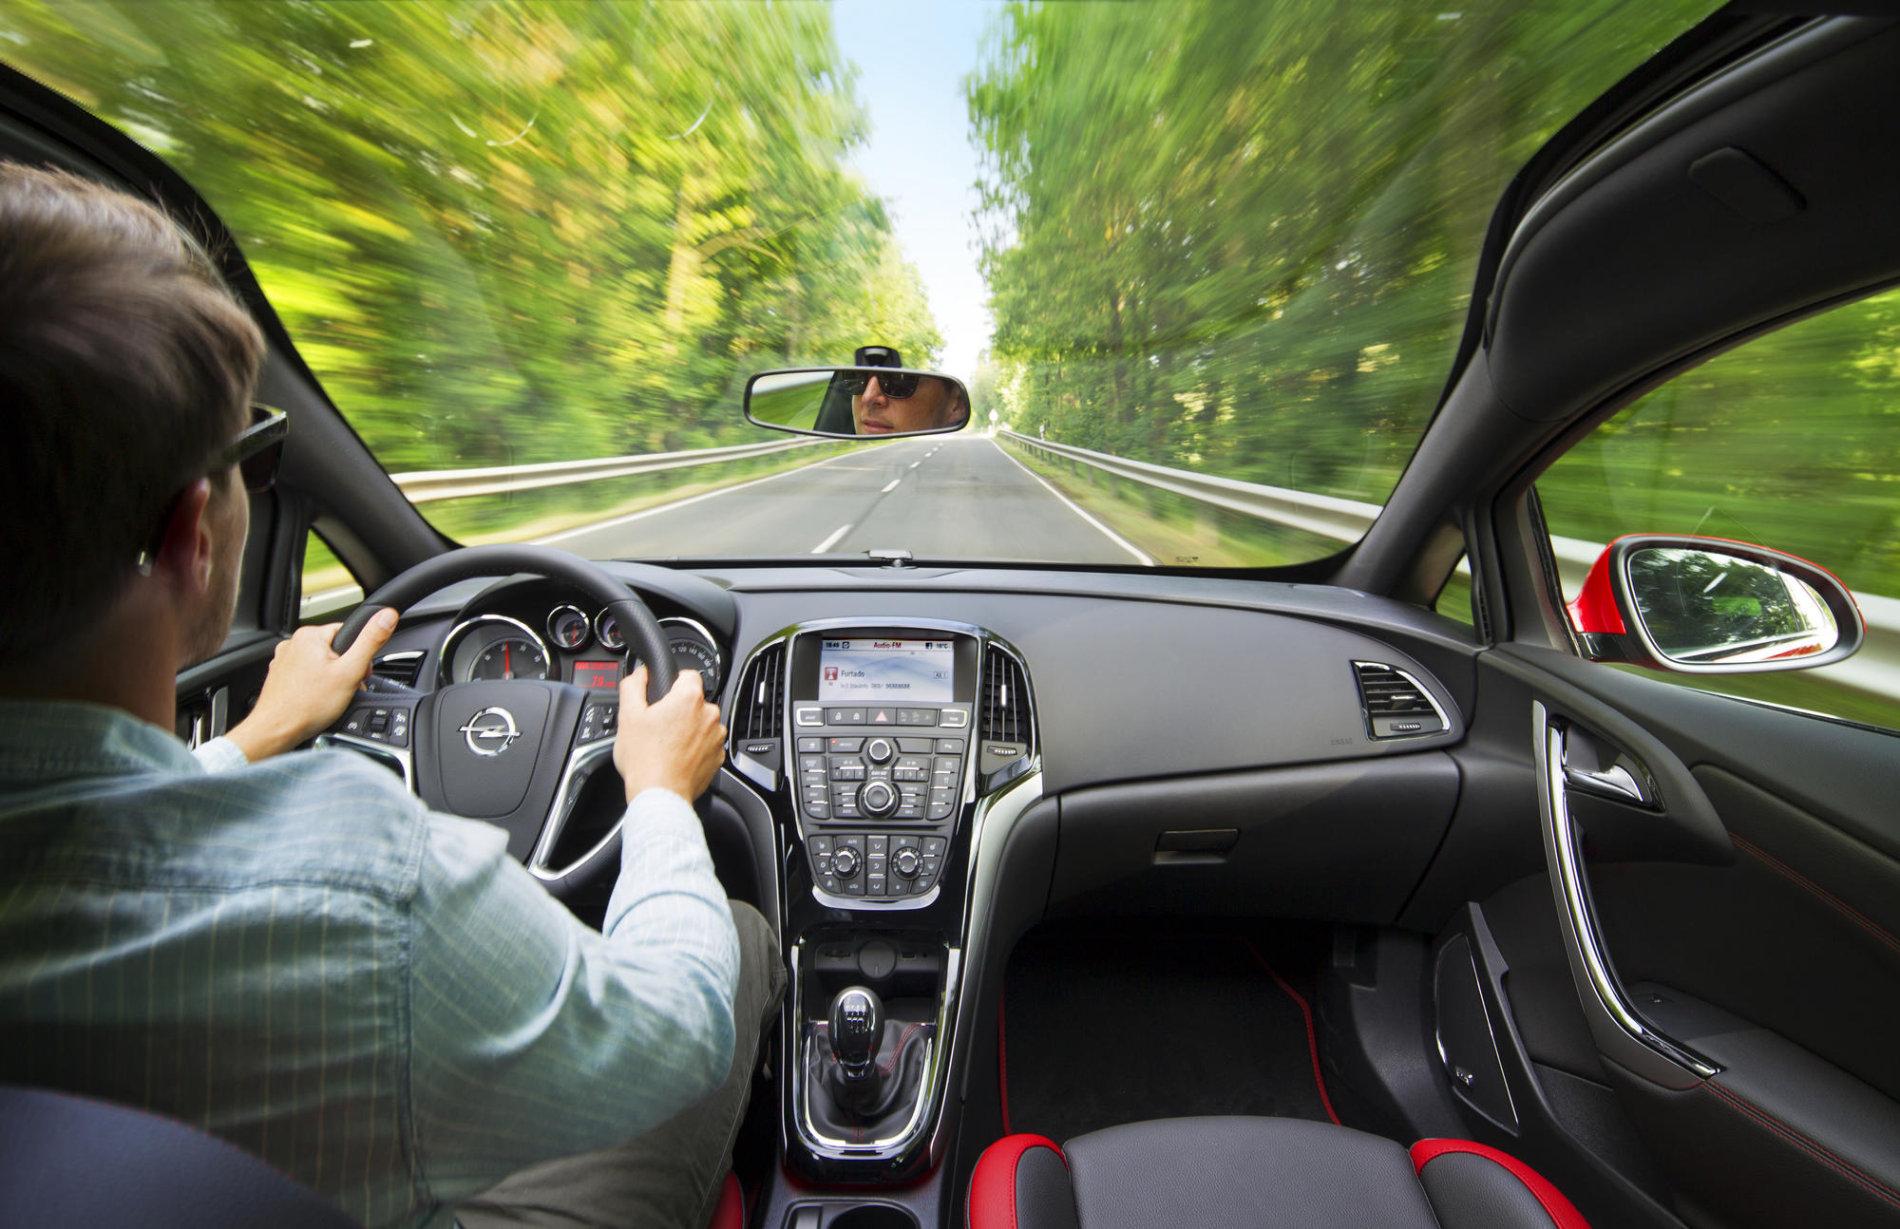 10 masini ideale pentru un 'road-trip' cu prietenii - 10 masini ideale pentru un 'road-trip' cu prietenii